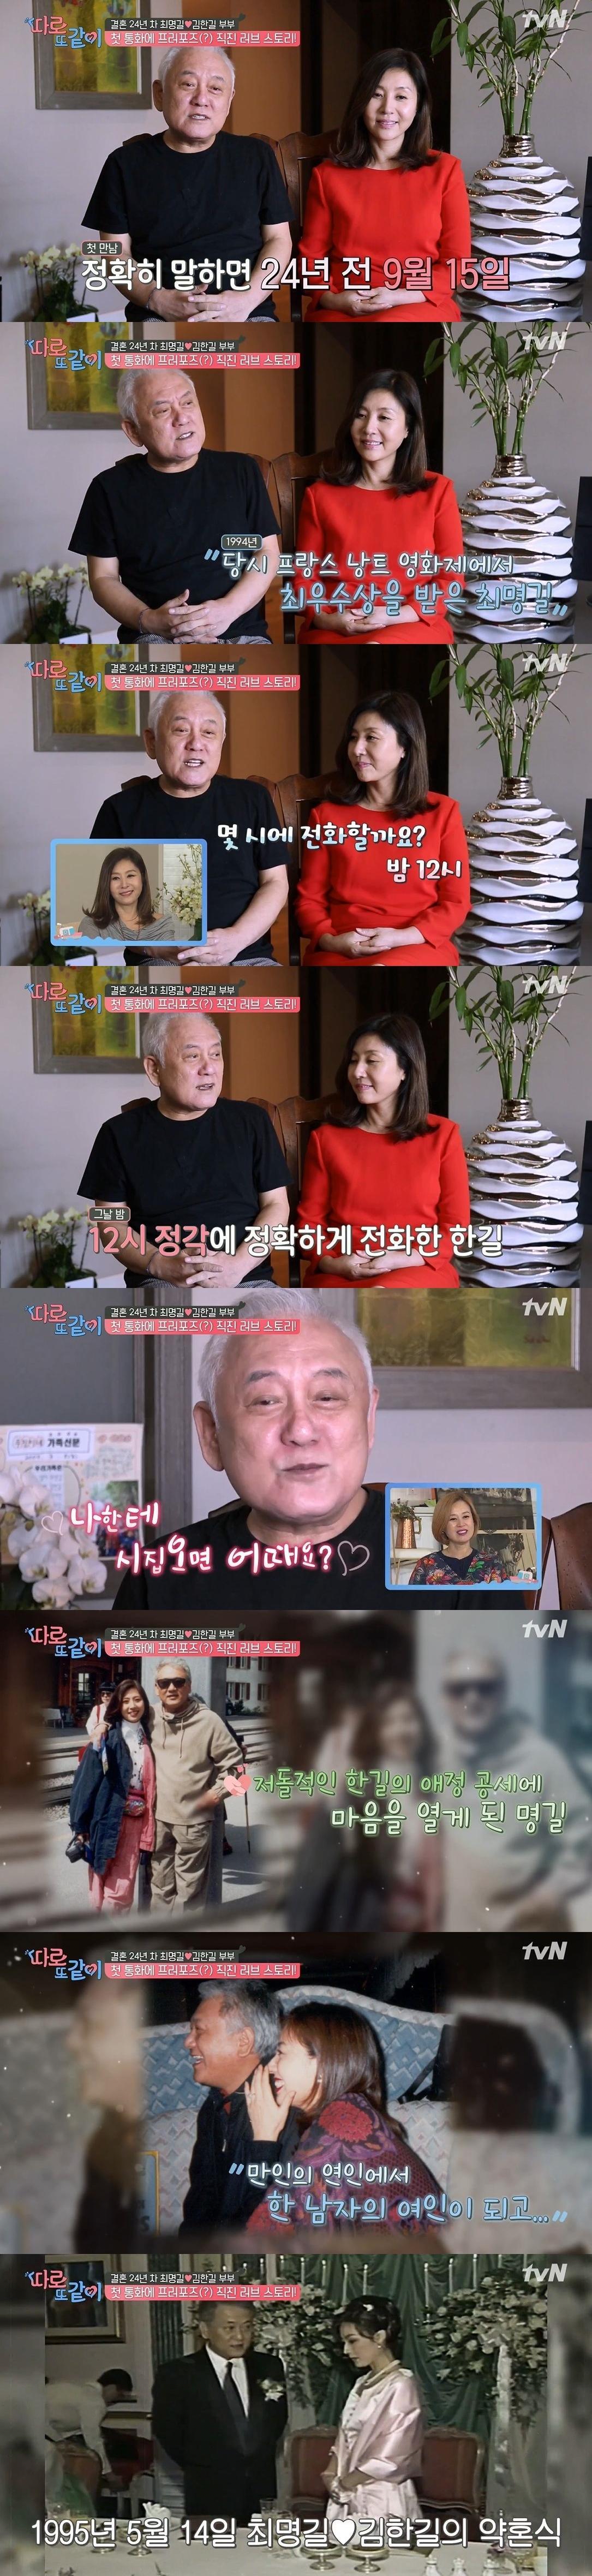 """""""첫 통화에 프러포즈"""" 김한길♥최명길"""